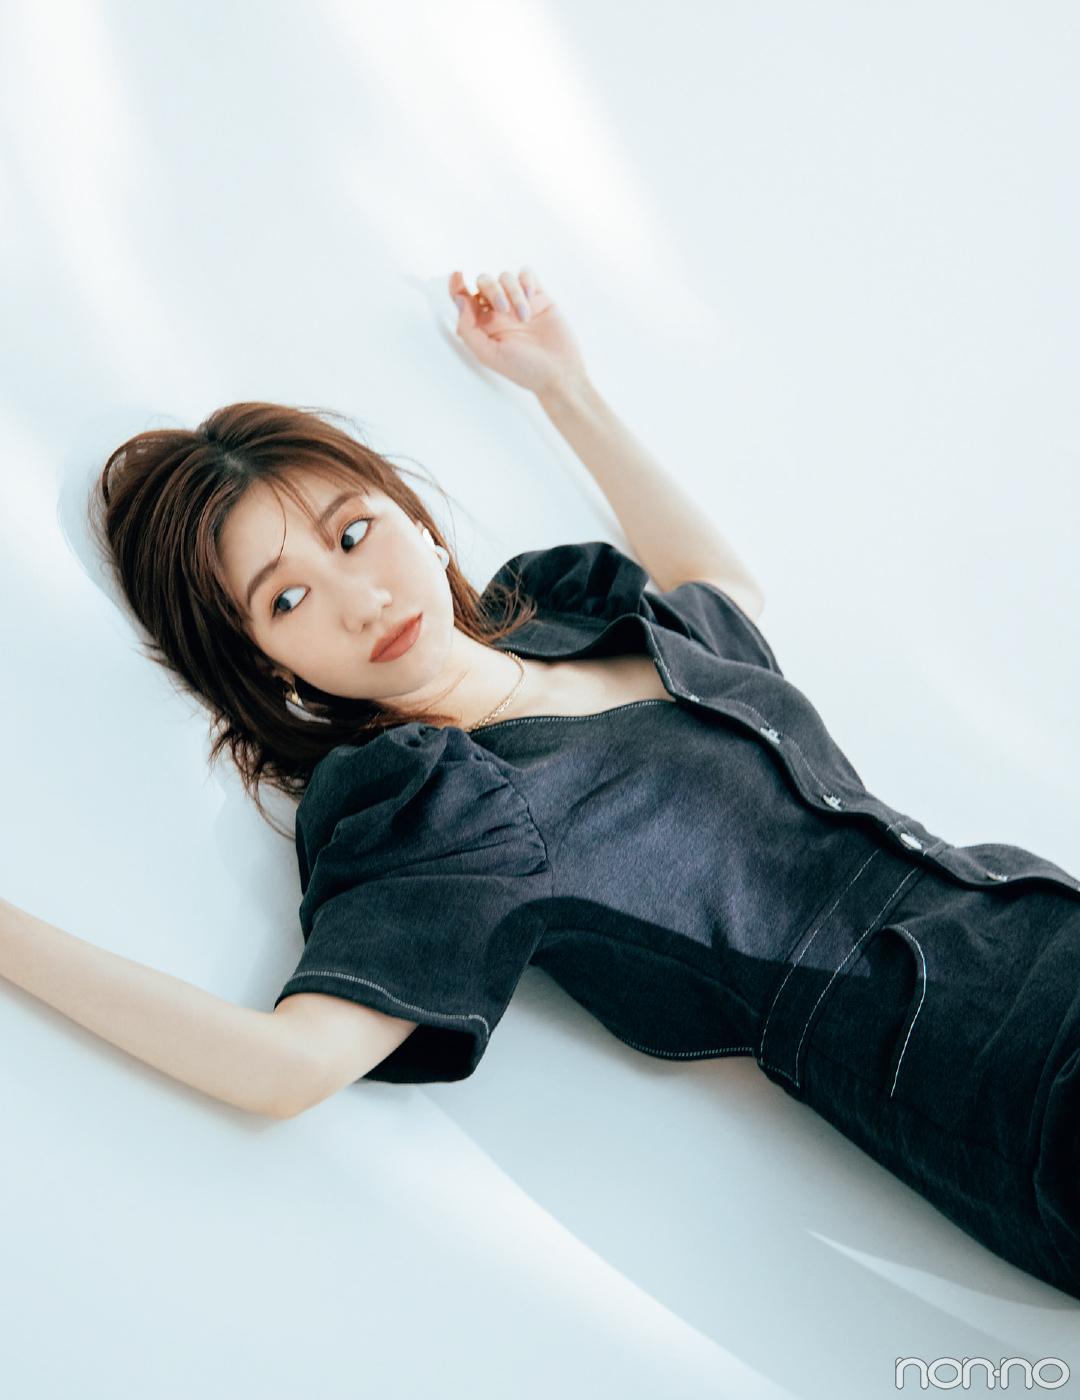 AKB48柏木由紀さんは周りの目が気になるときどうしますか?